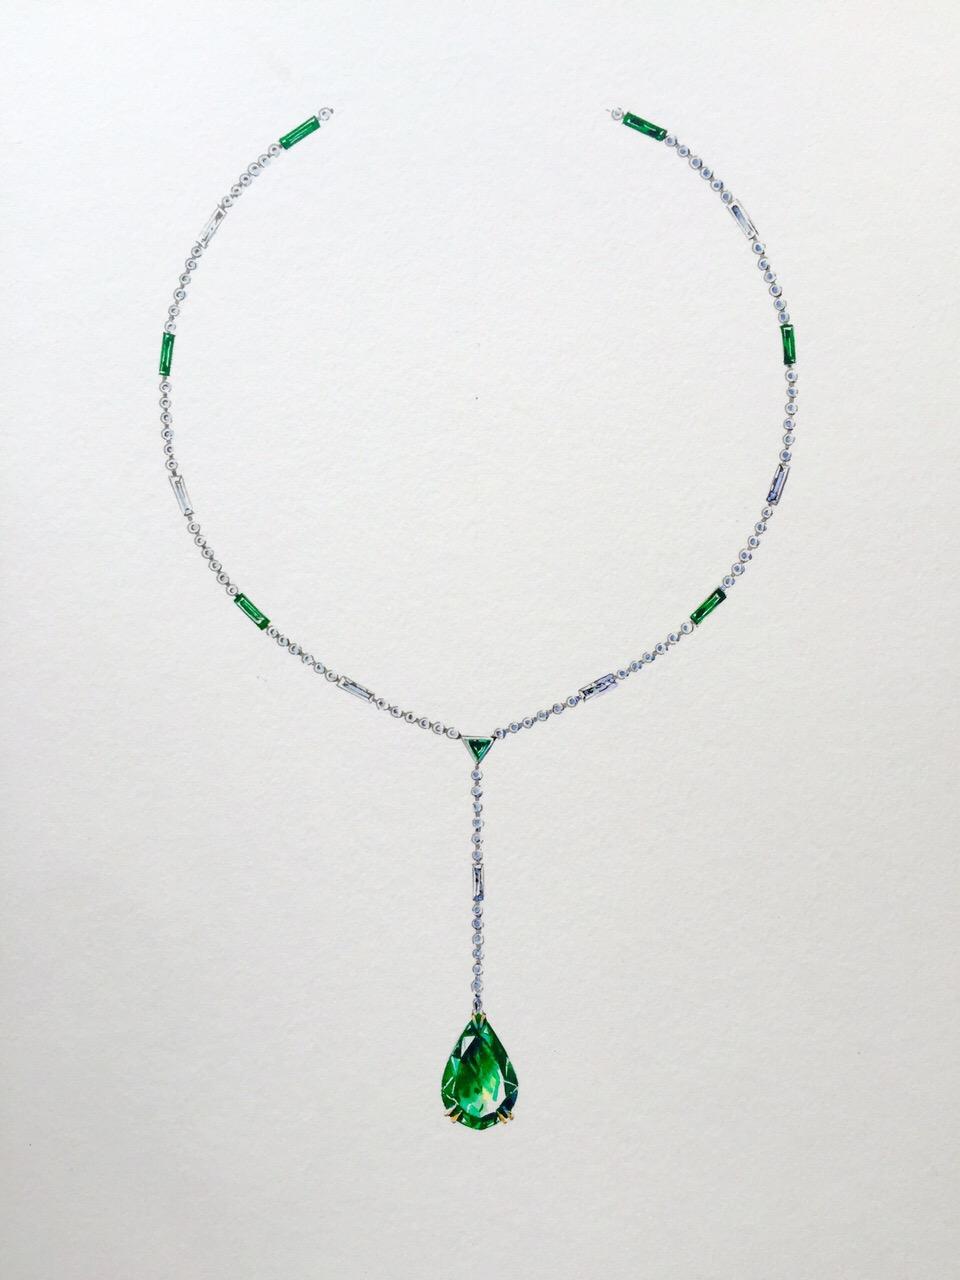 green_emerald_necklace_rendering.jpg